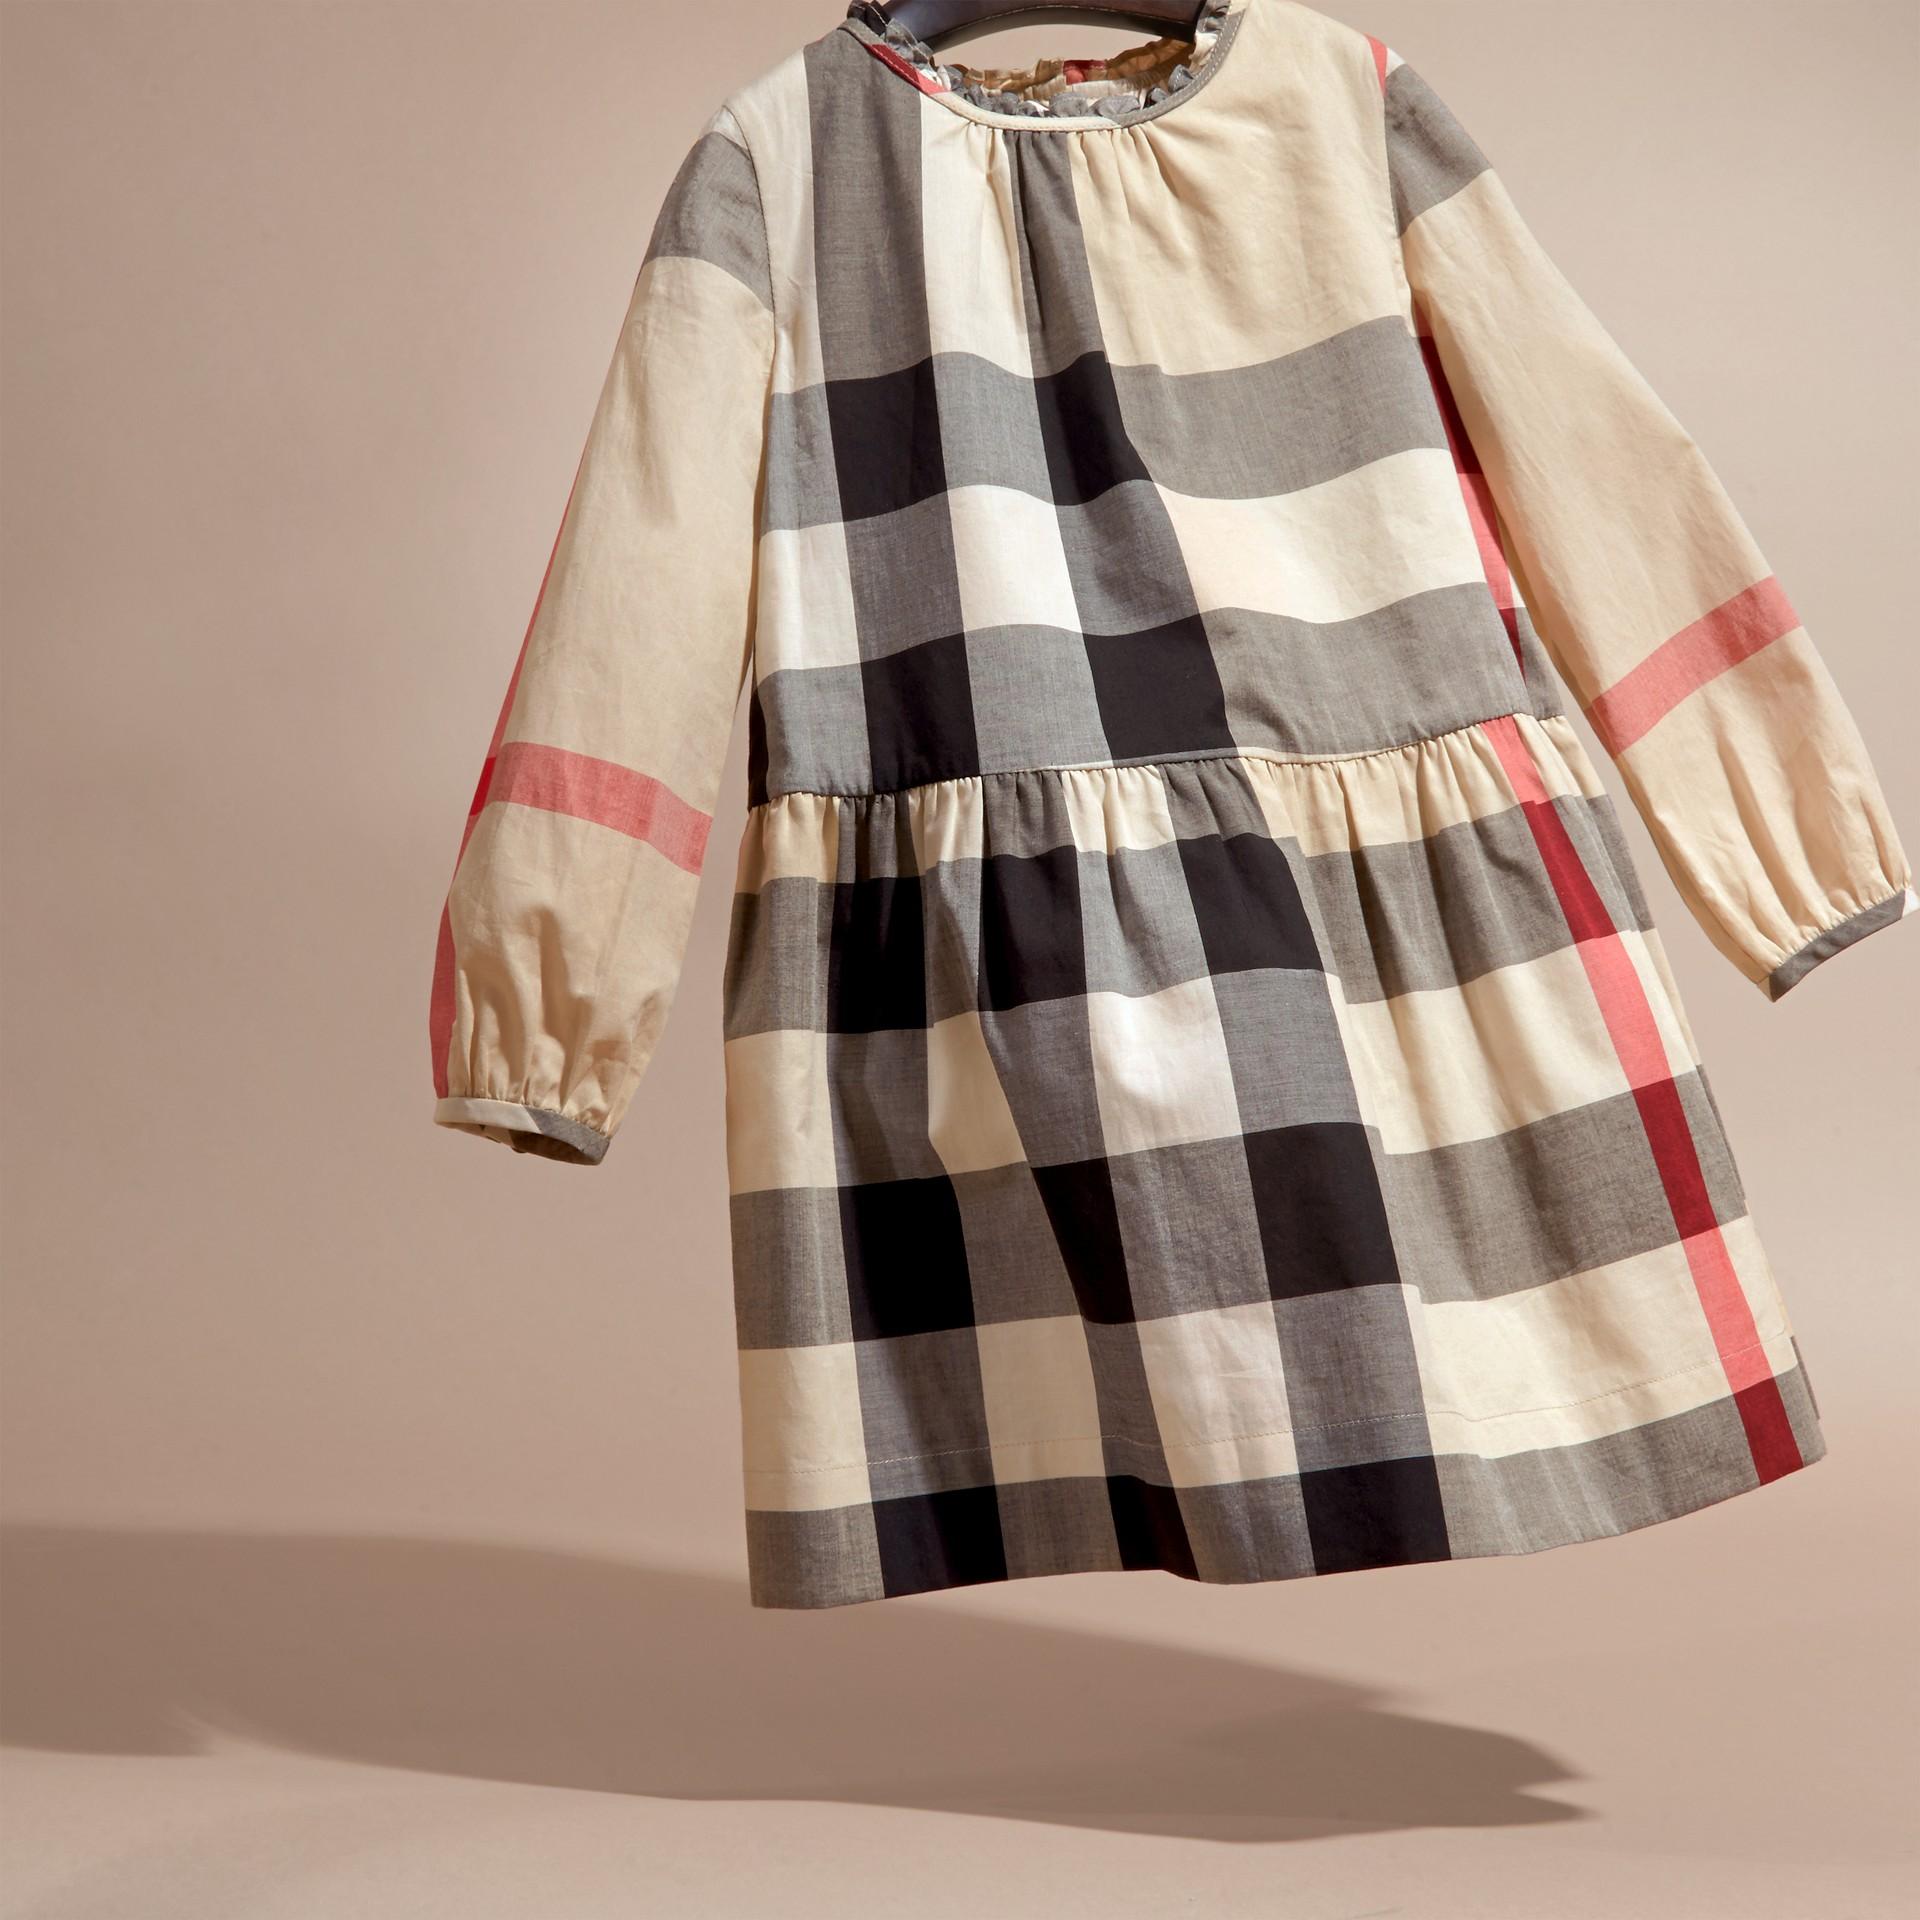 New classic check Vestido de algodão com estampa xadrez e detalhe franzido New Classic Check - galeria de imagens 3